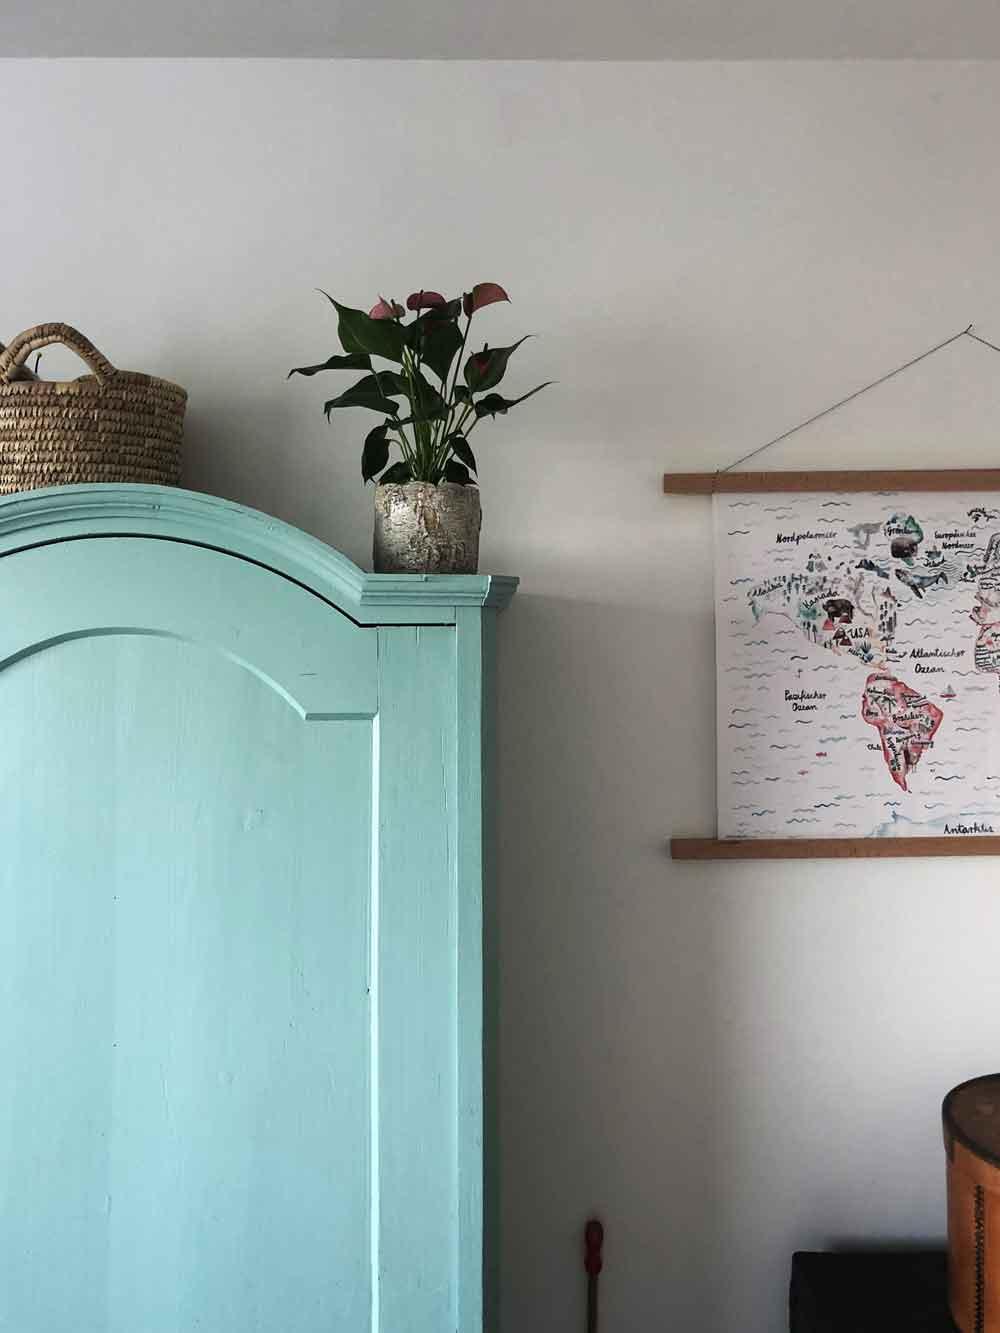 DIY Bilderrahmen Holz einfach Holzleiste Poster Kinderzimmer Bauernschrank Pflanze - DIY | Bilderrahmen in unter 2 Minuten einfach selber machen